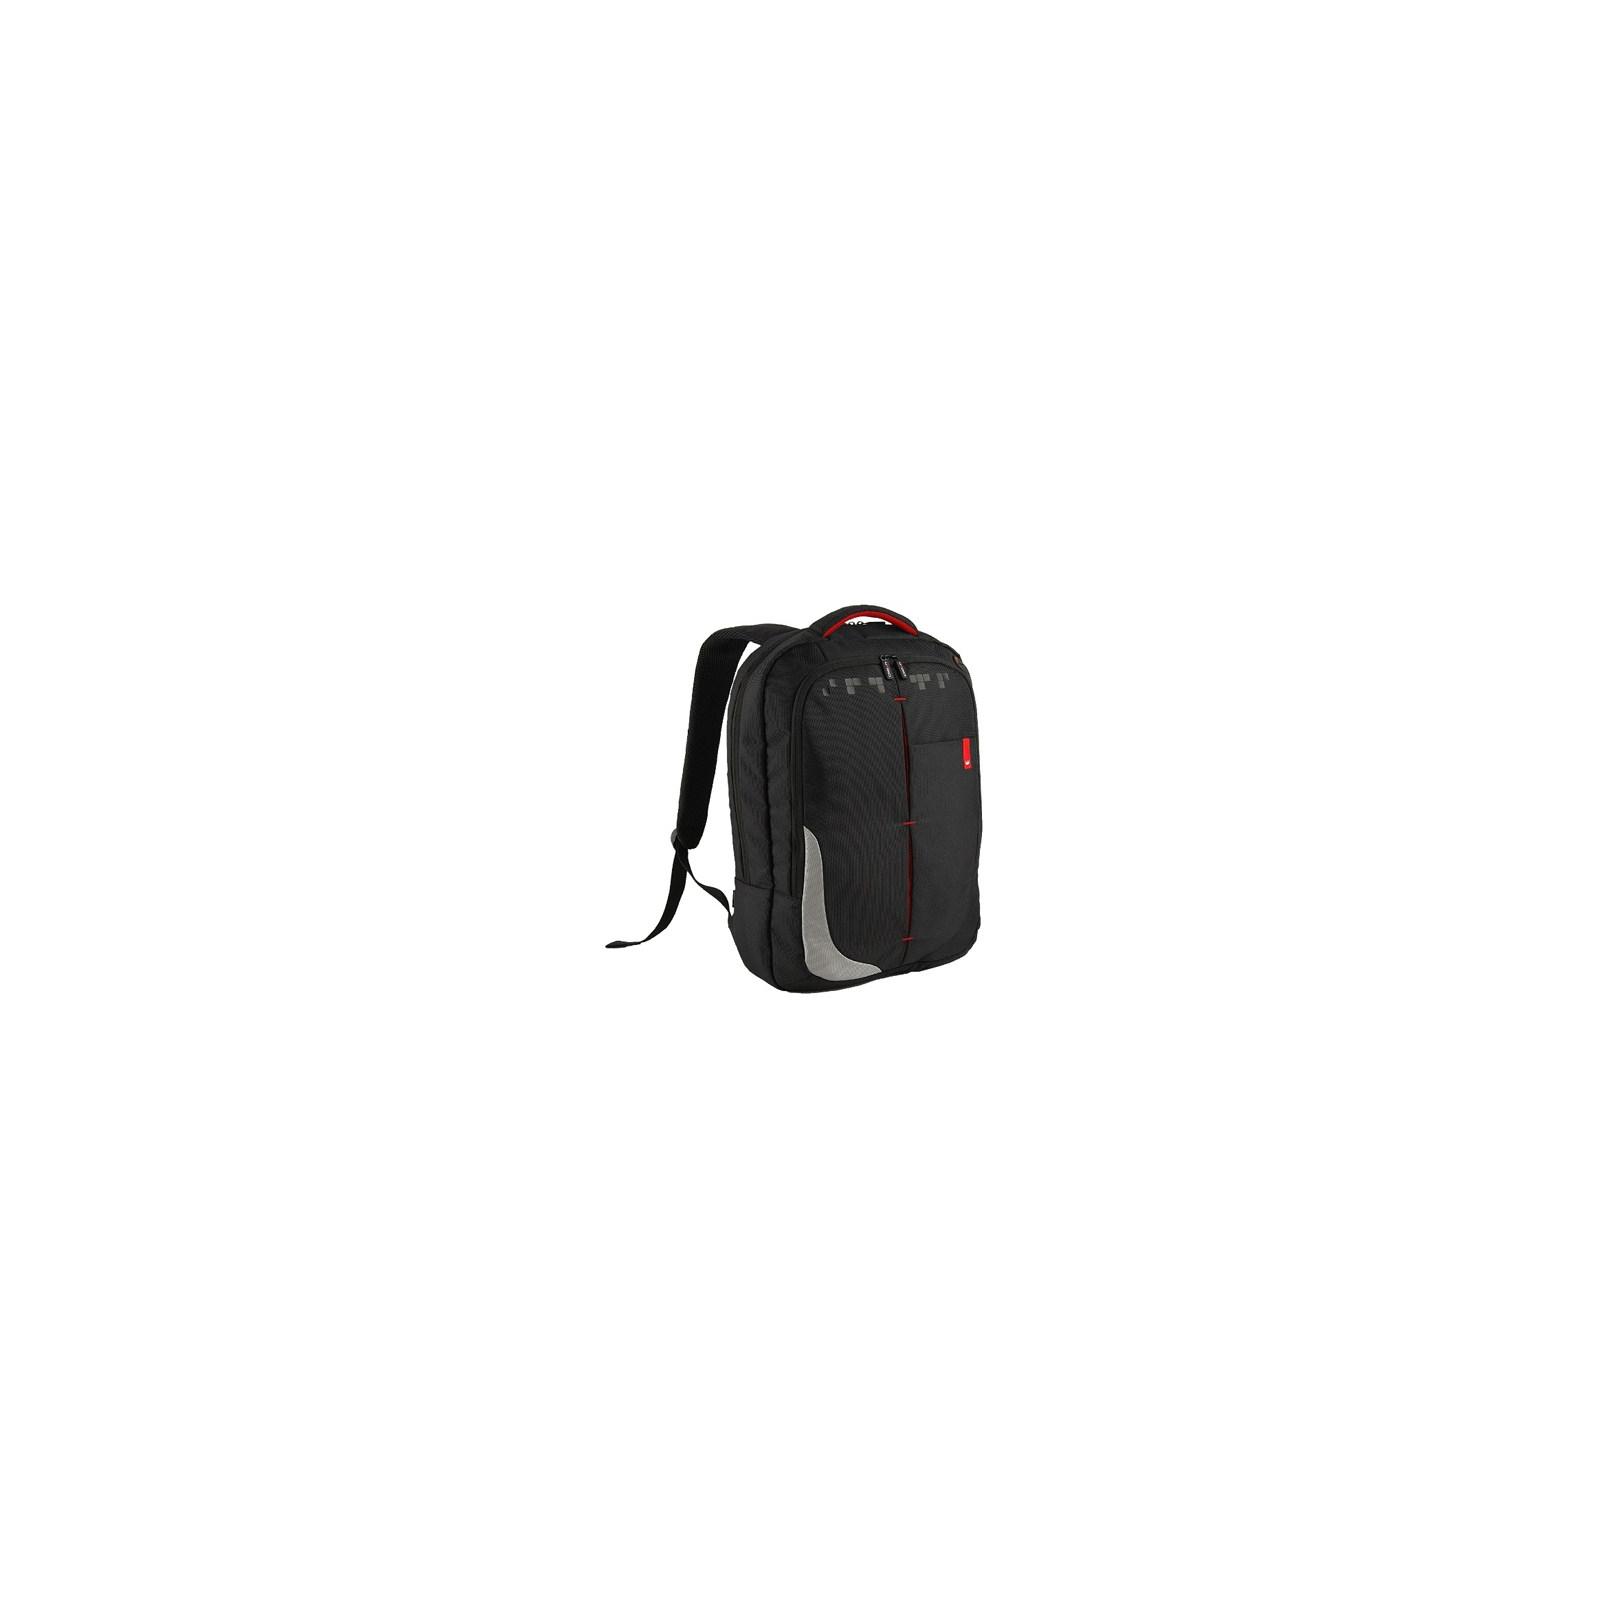 Рюкзак для ноутбука Crown 15.6 Genuine black (BPG4415B)